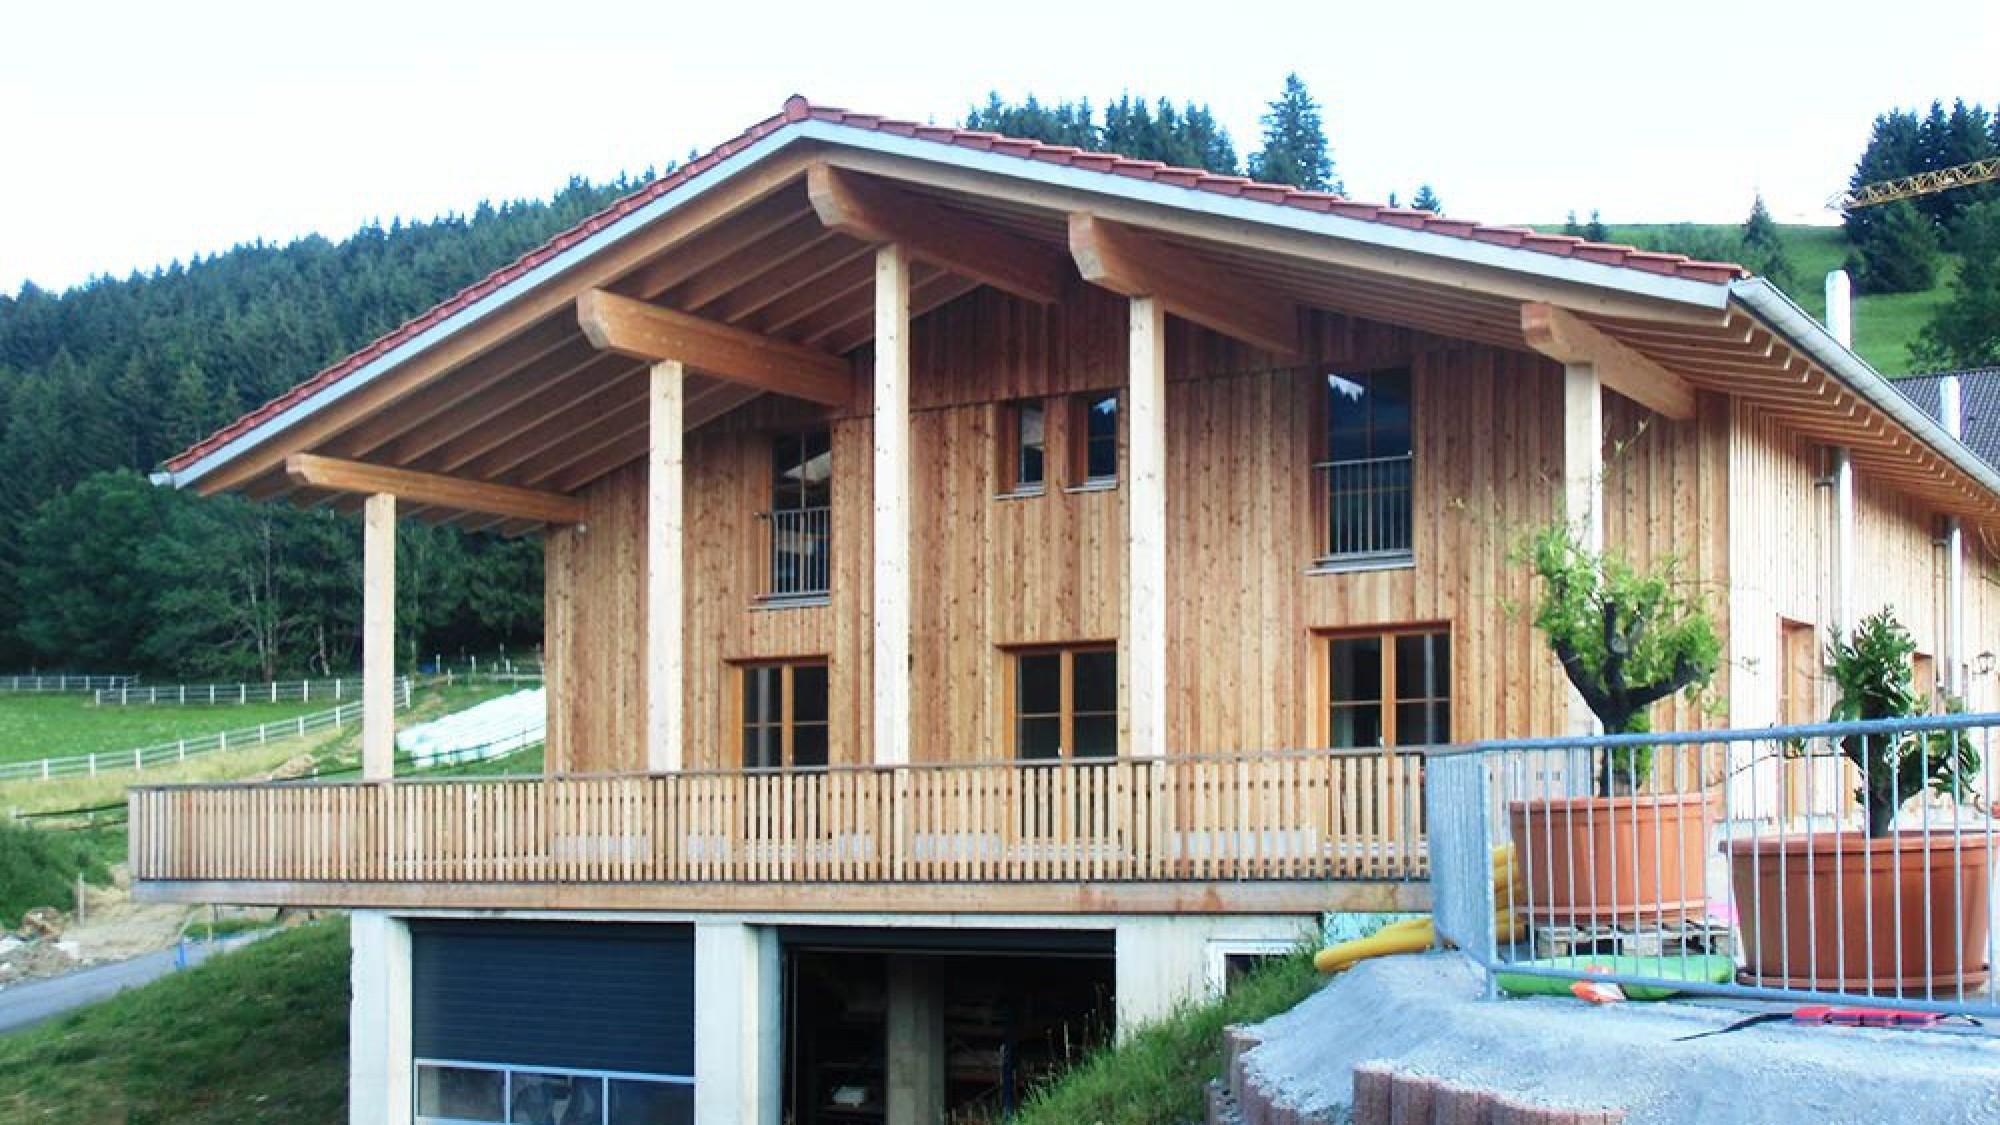 Holzhaus als Ökohaus bauen mit Holzbauerfahrung aus dem Allgäu in Bayern